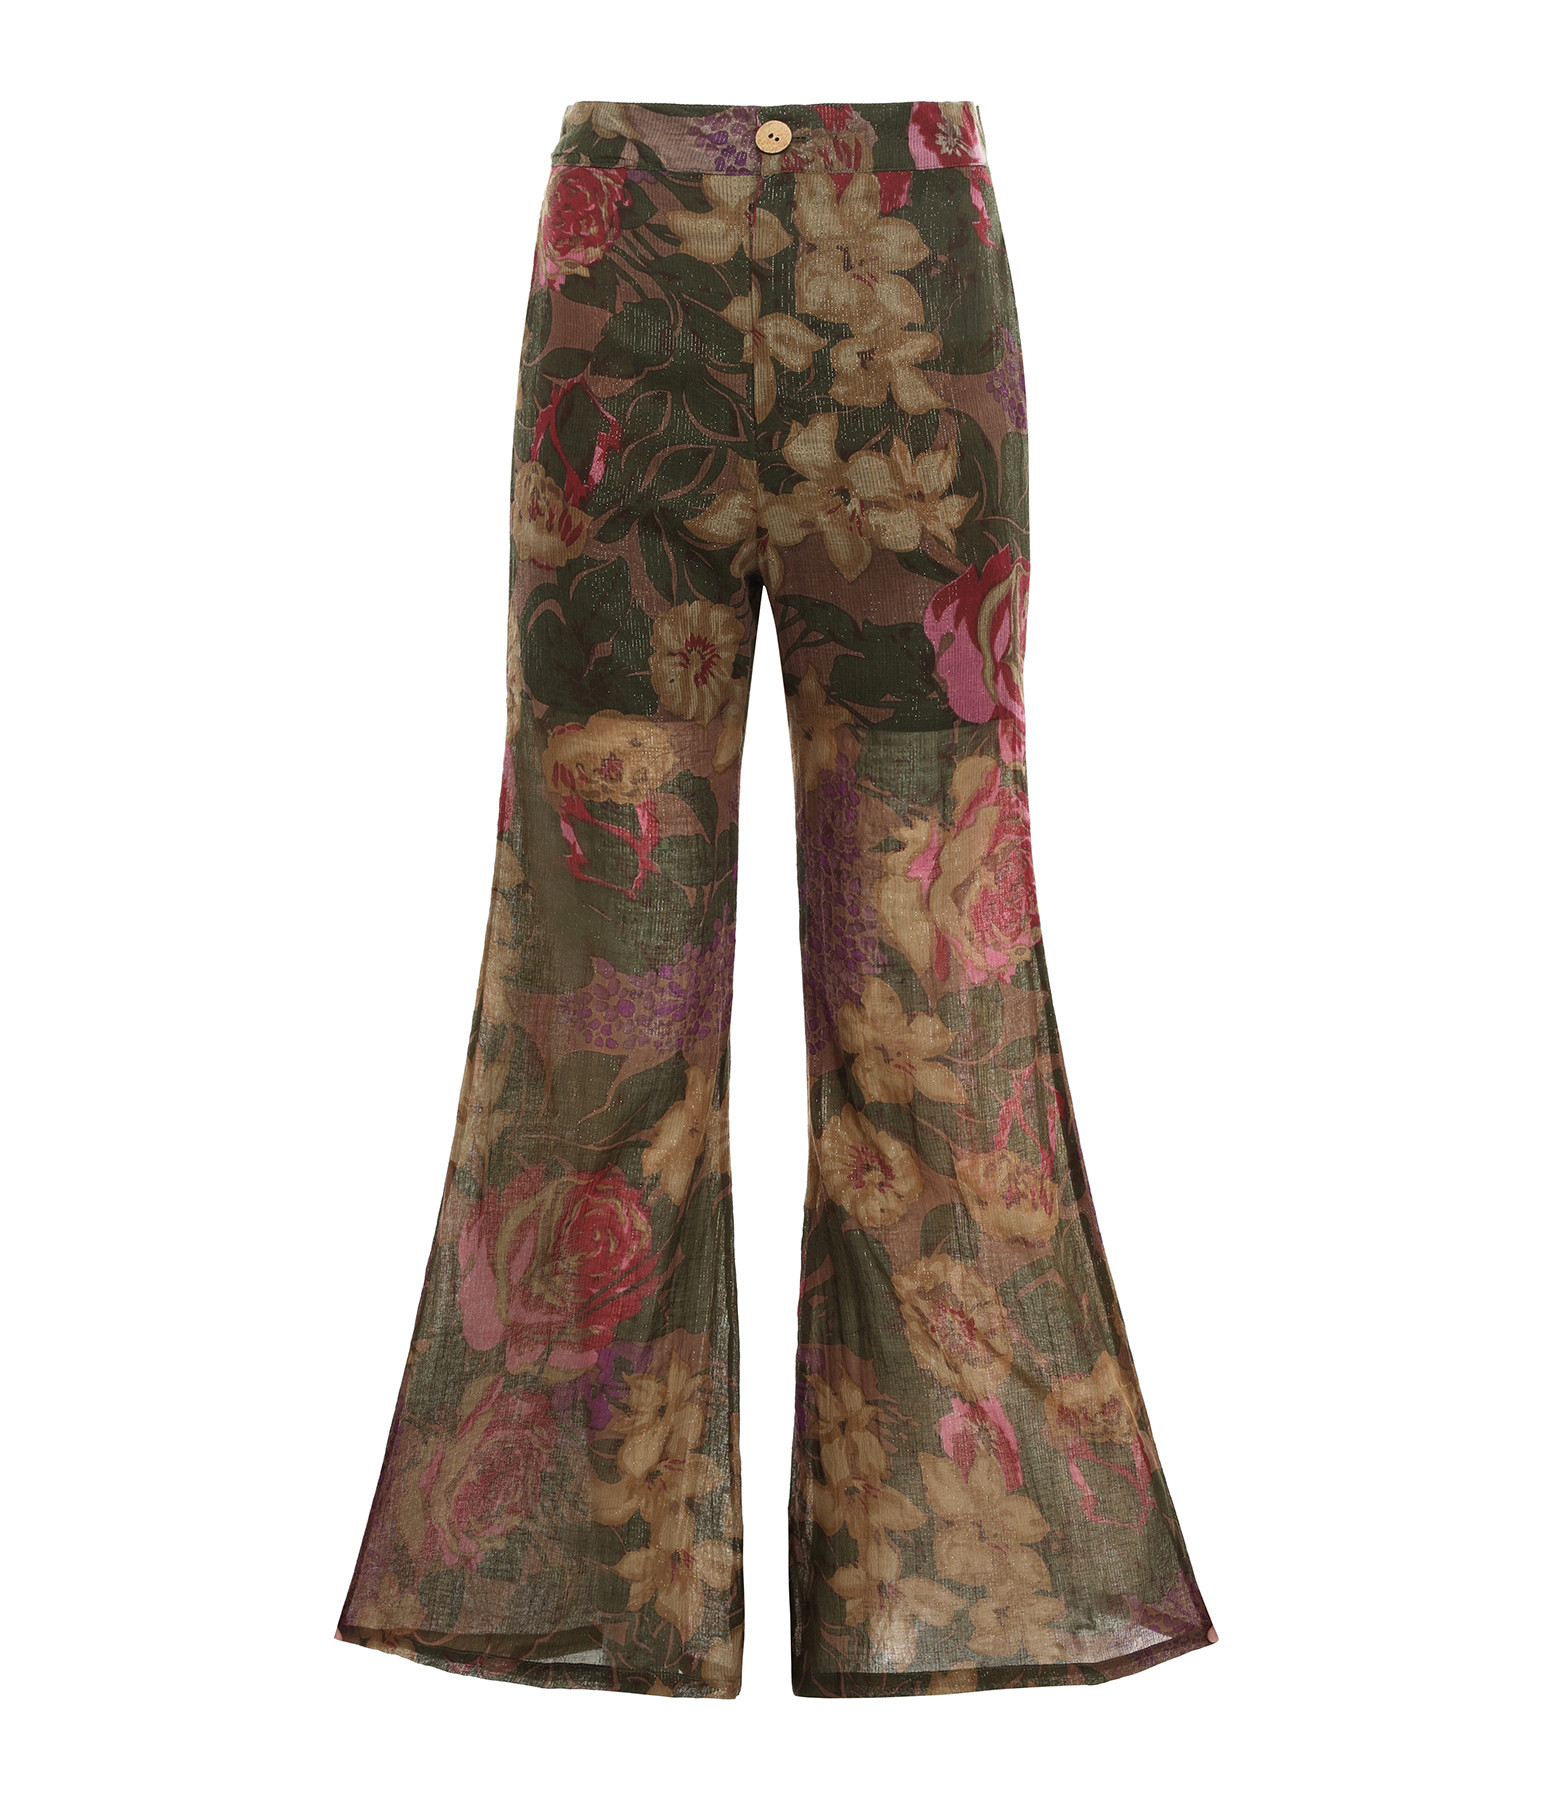 MES DEMOISELLES - Pantalon Aster Imprimé Floral